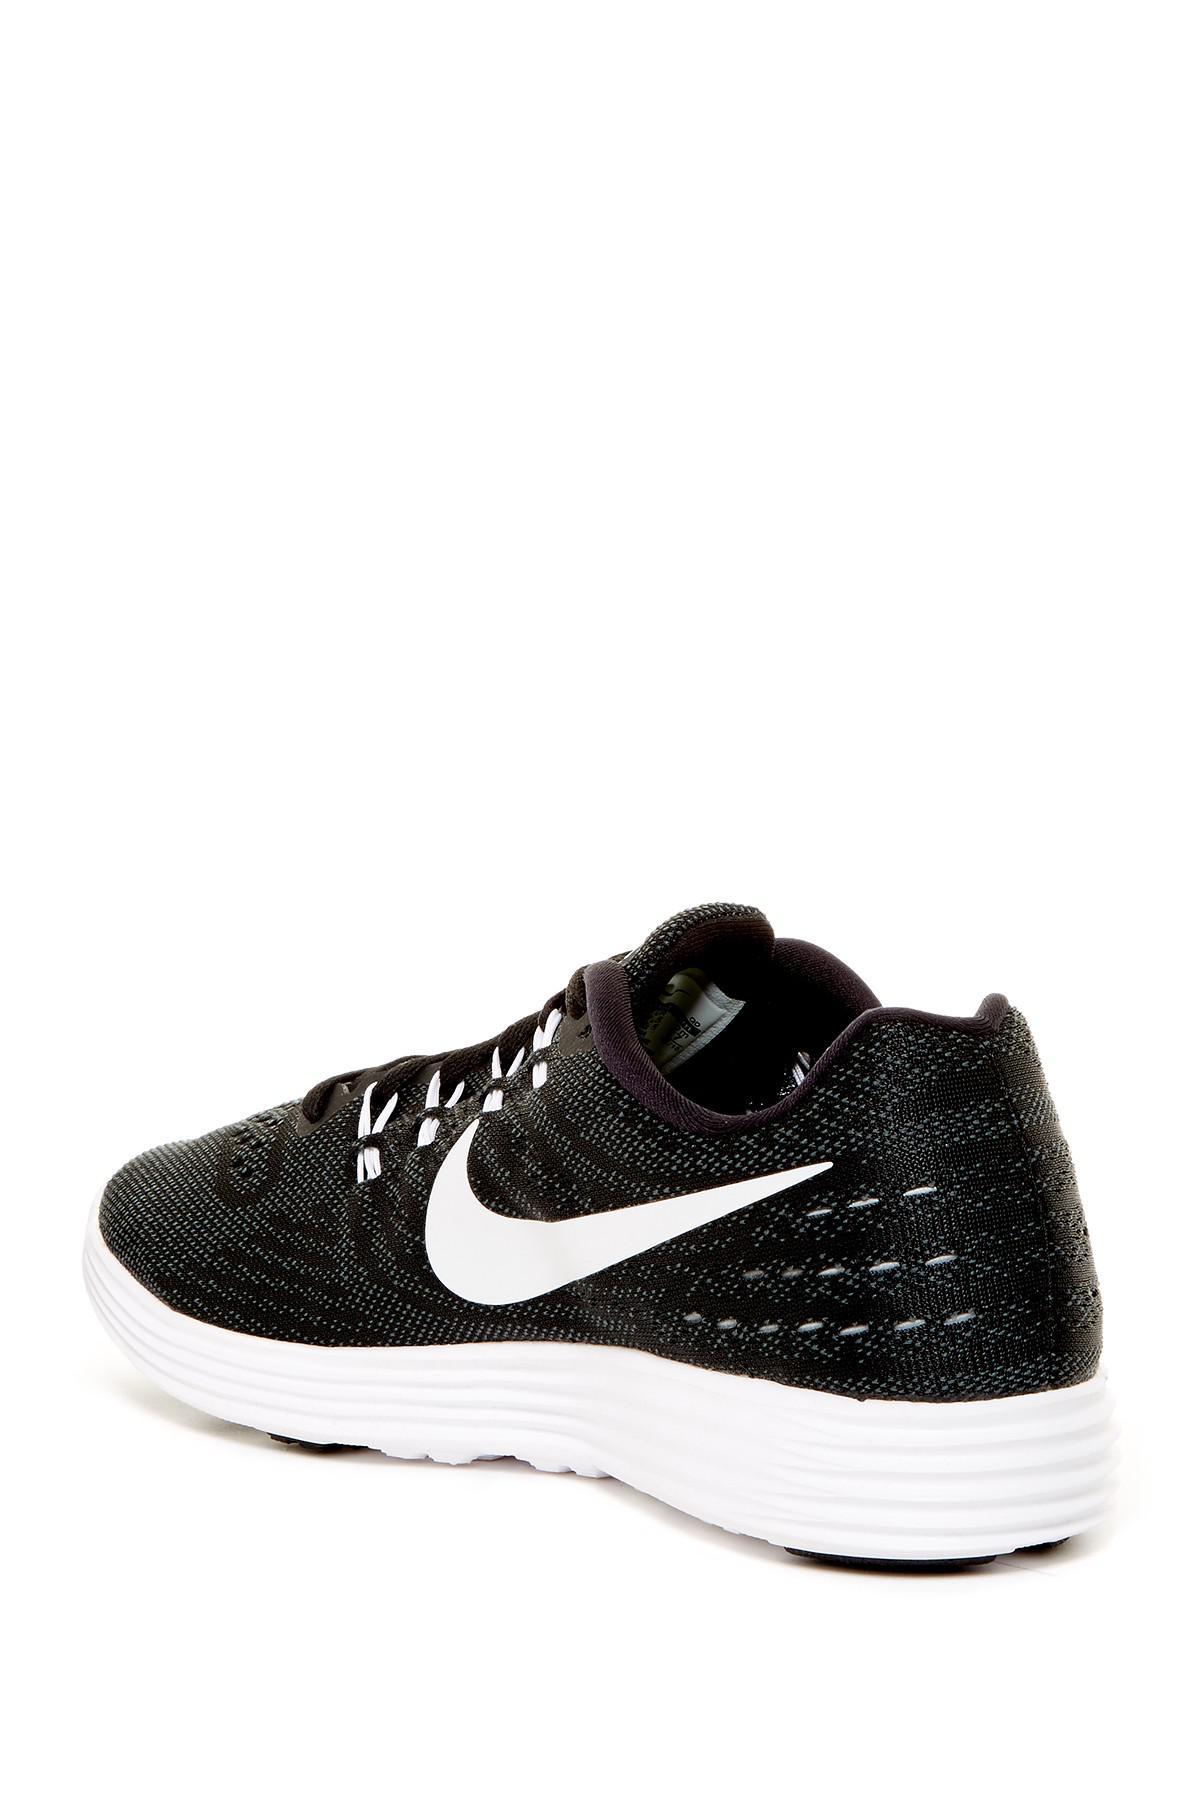 90416e0a372 ... denmark lyst nike lunar tempo 2 sneaker in black for men cde61 262b7 ...